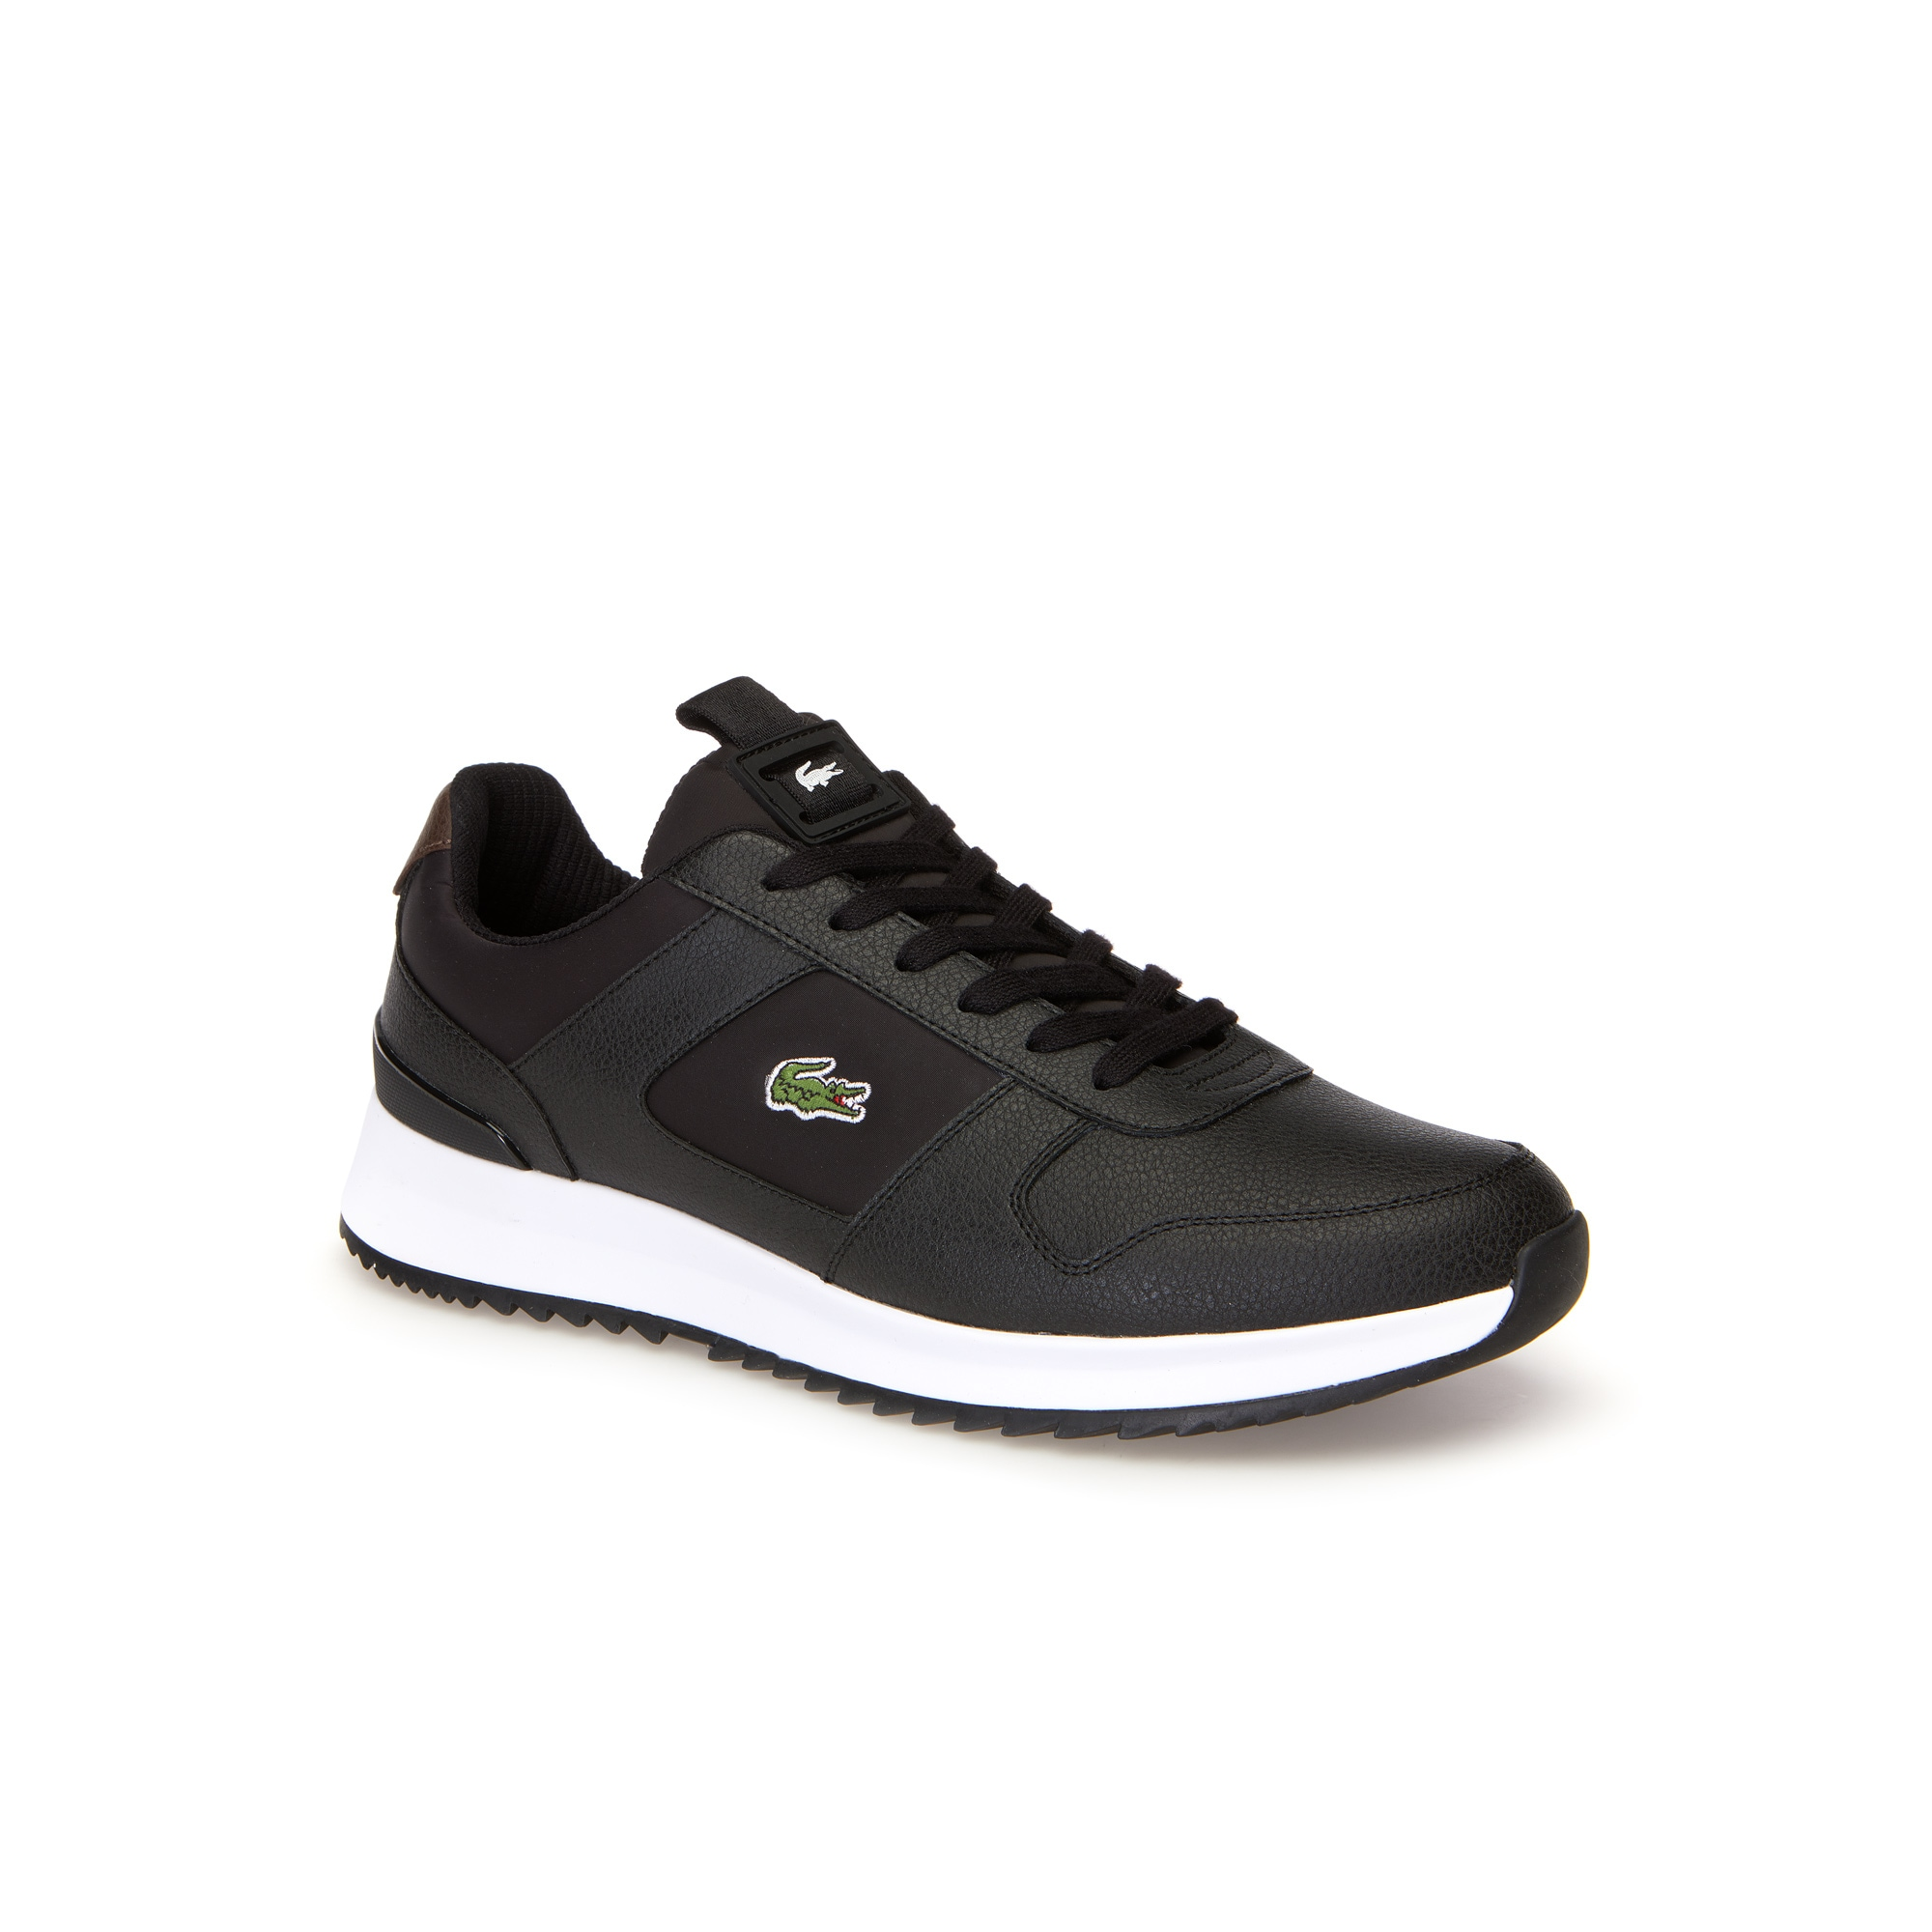 Herren-Sneakers JOGGEUR 2.0 aus Leder